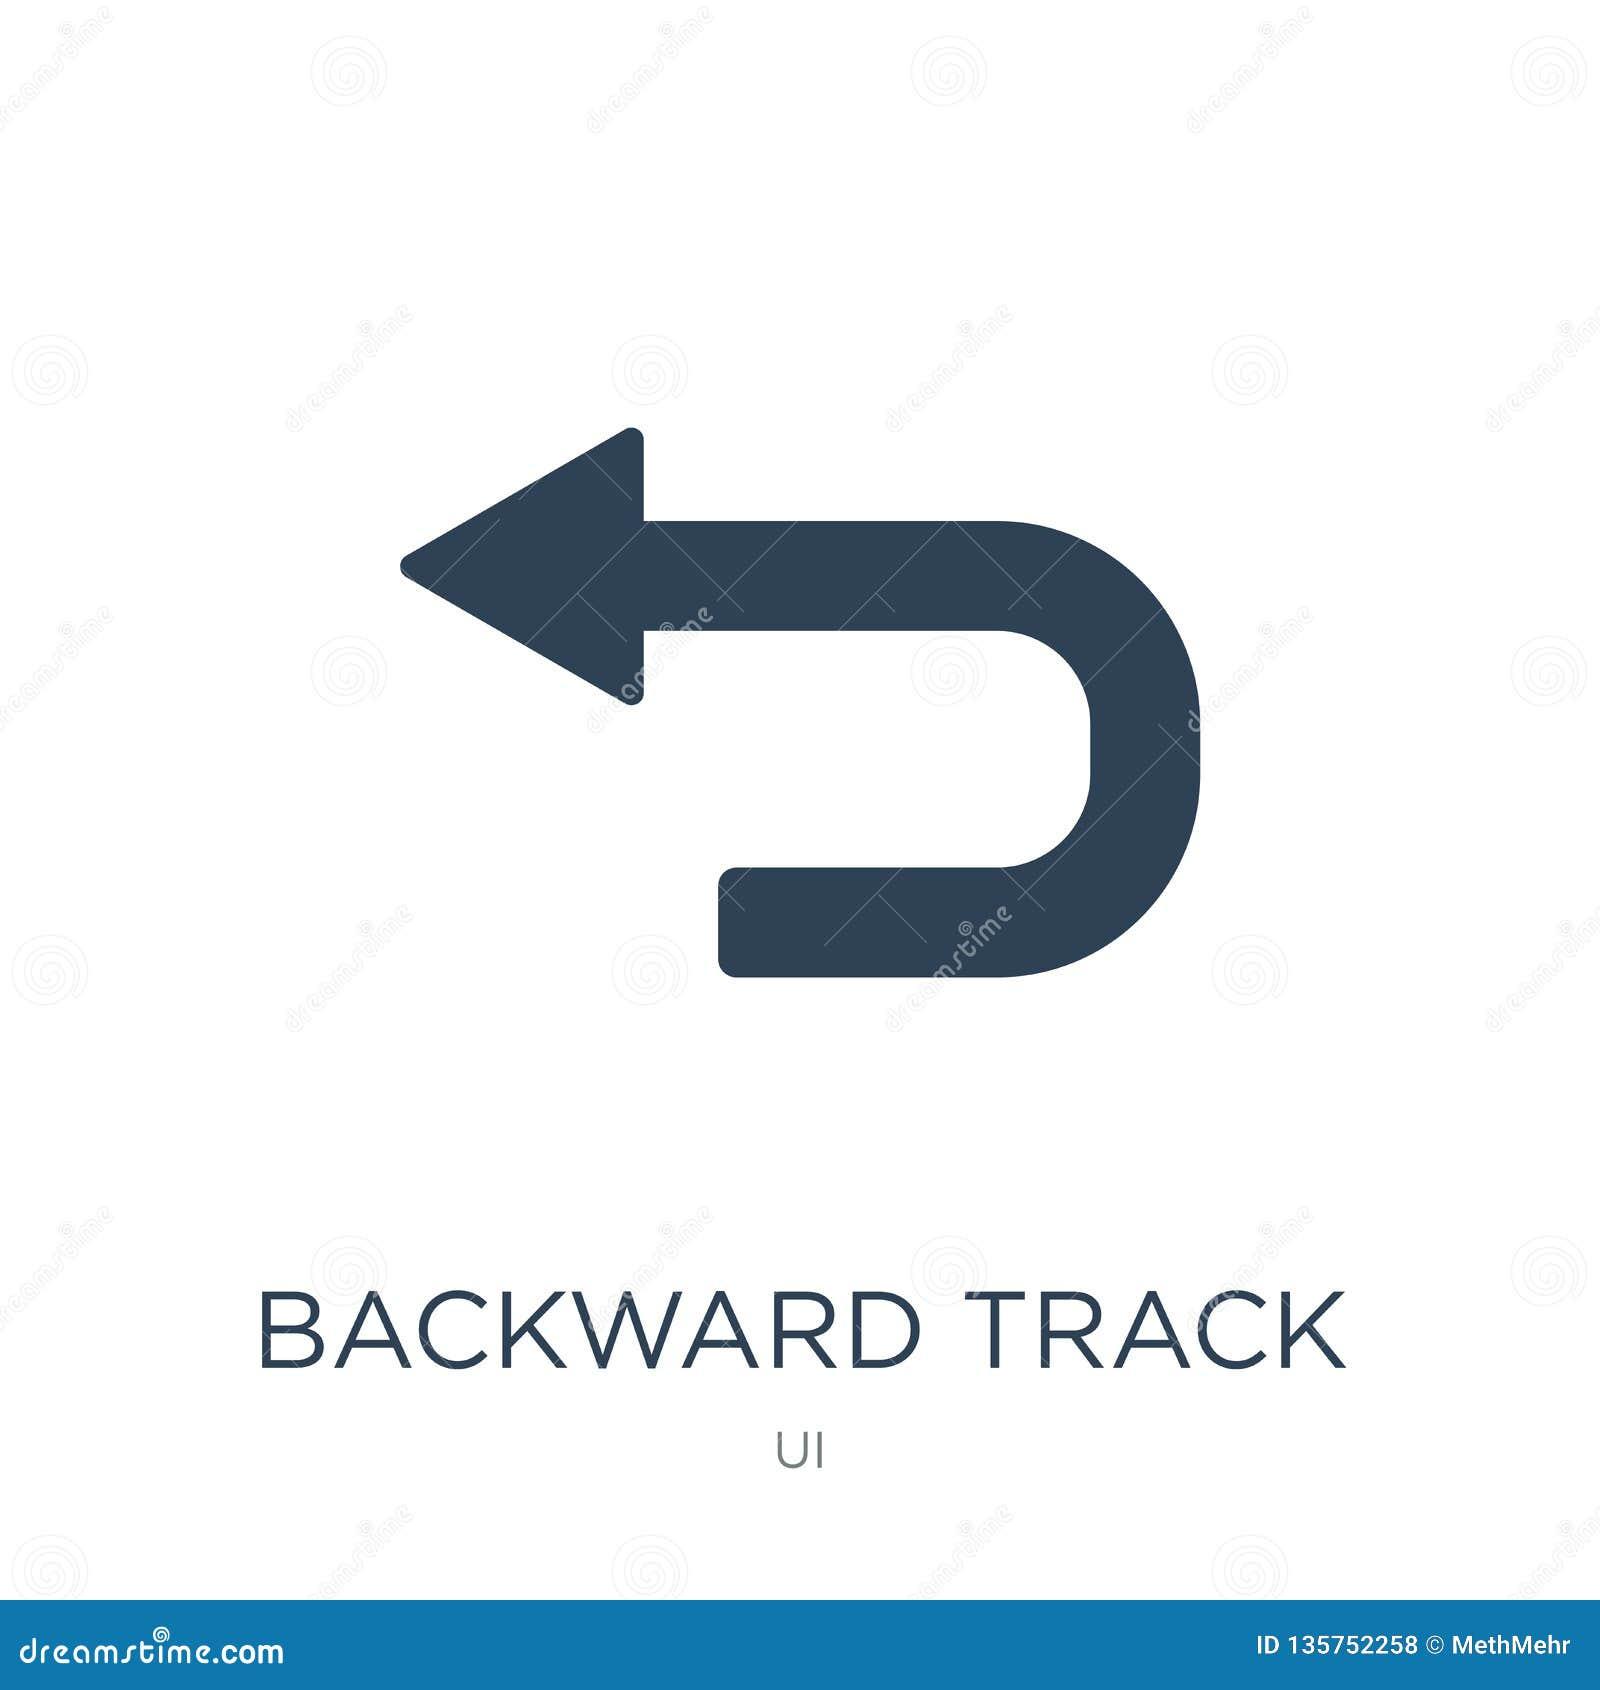 οπίσθιο εικονίδιο διαδρομής στο καθιερώνον τη μόδα ύφος σχεδίου οπίσθιο εικονίδιο διαδρομής που απομονώνεται στο άσπρο υπόβαθρο ο